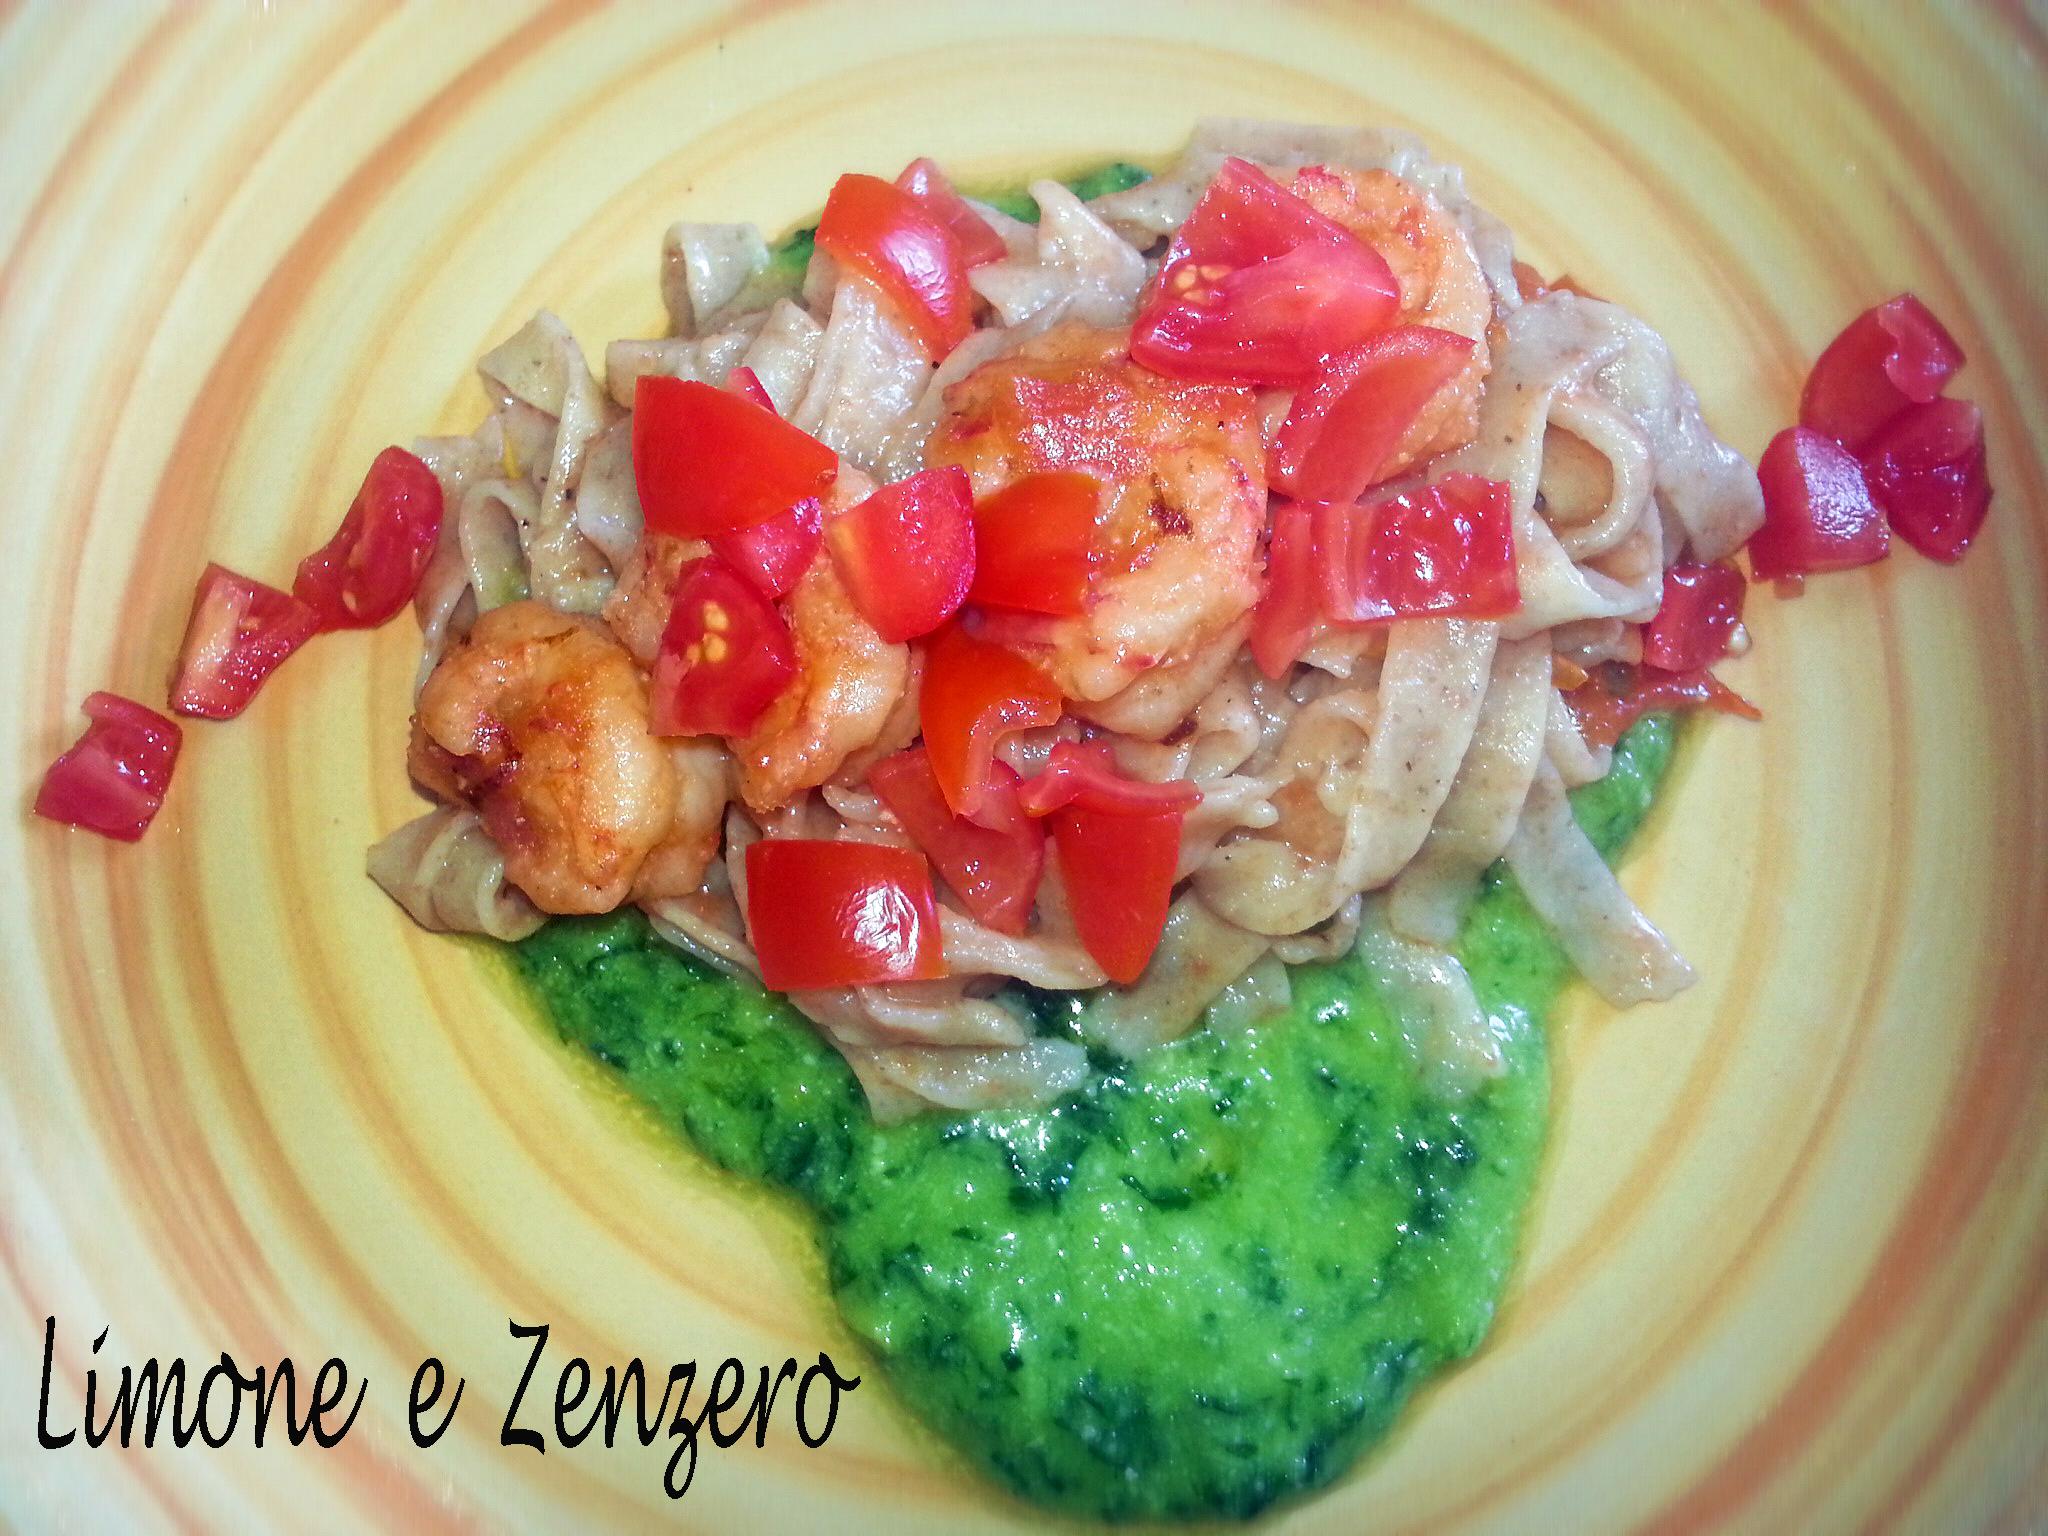 Tagliatelle Integrali al Pesto con Gamberi e Pomodorini profumate al Limone